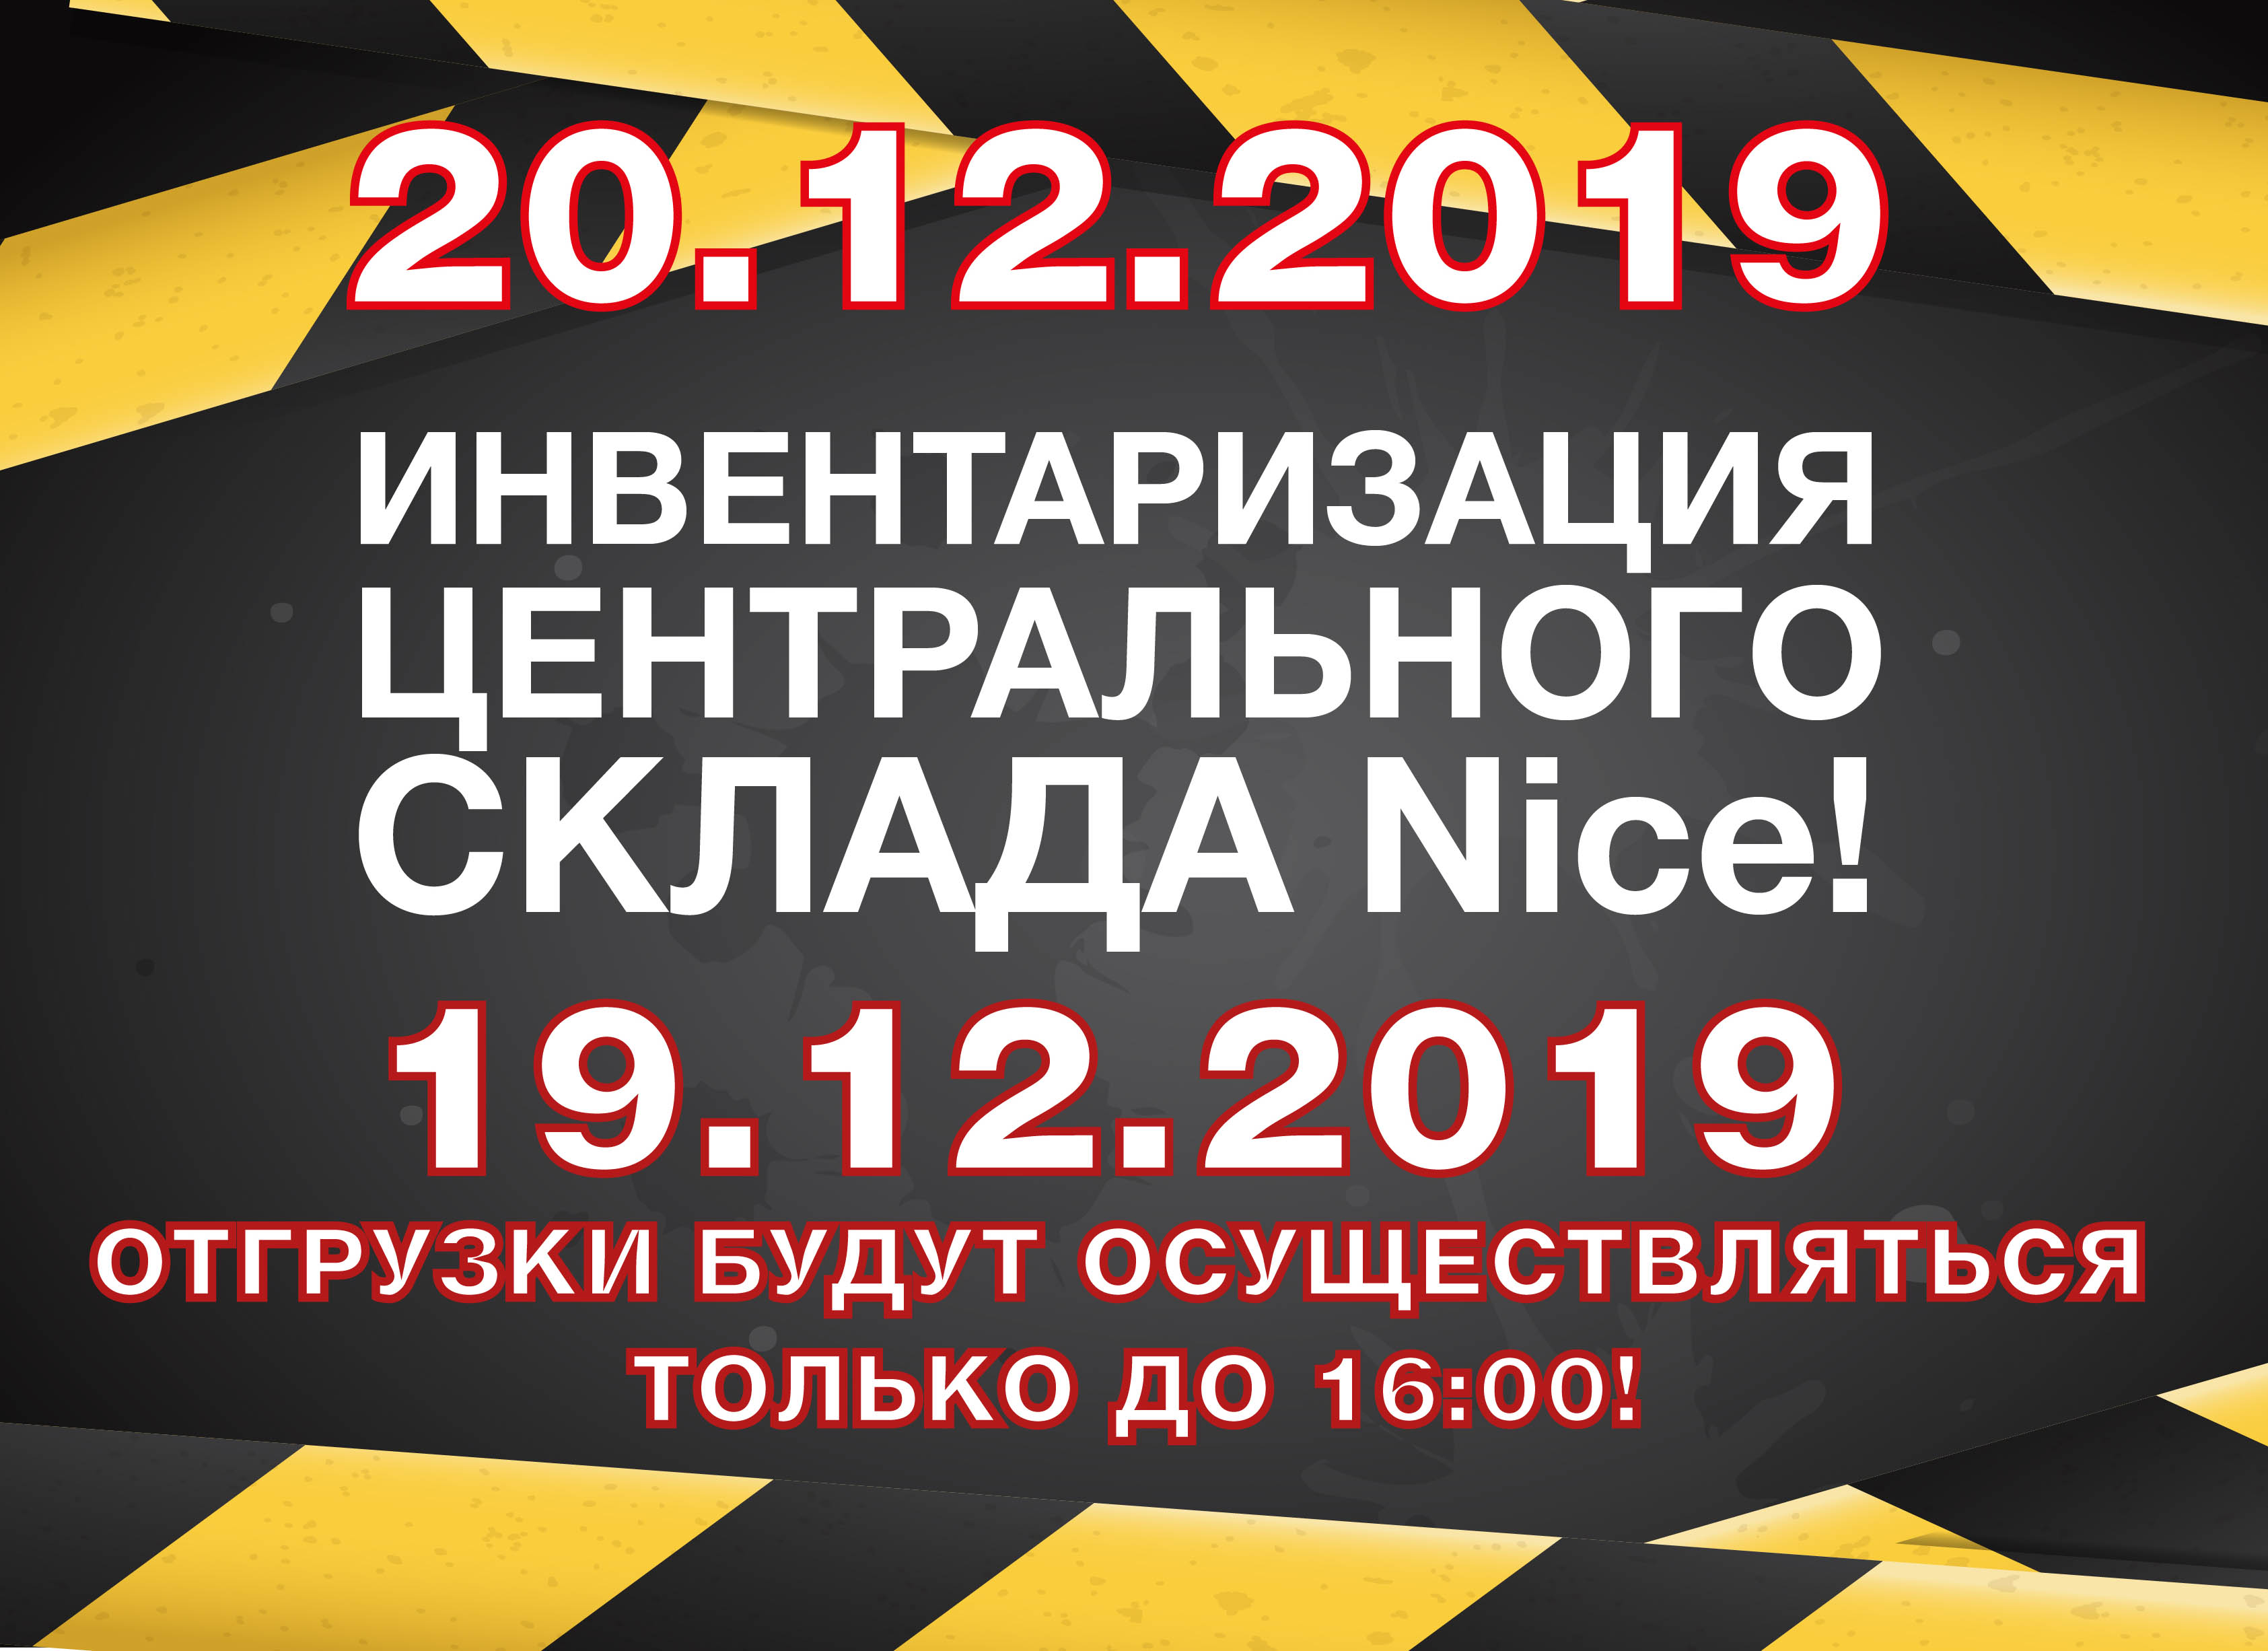 ИНВЕНТАРИЗАЦИЯ ЦЕНТРАЛЬНОГО СКЛАДА Nice 20.12.2019!!!